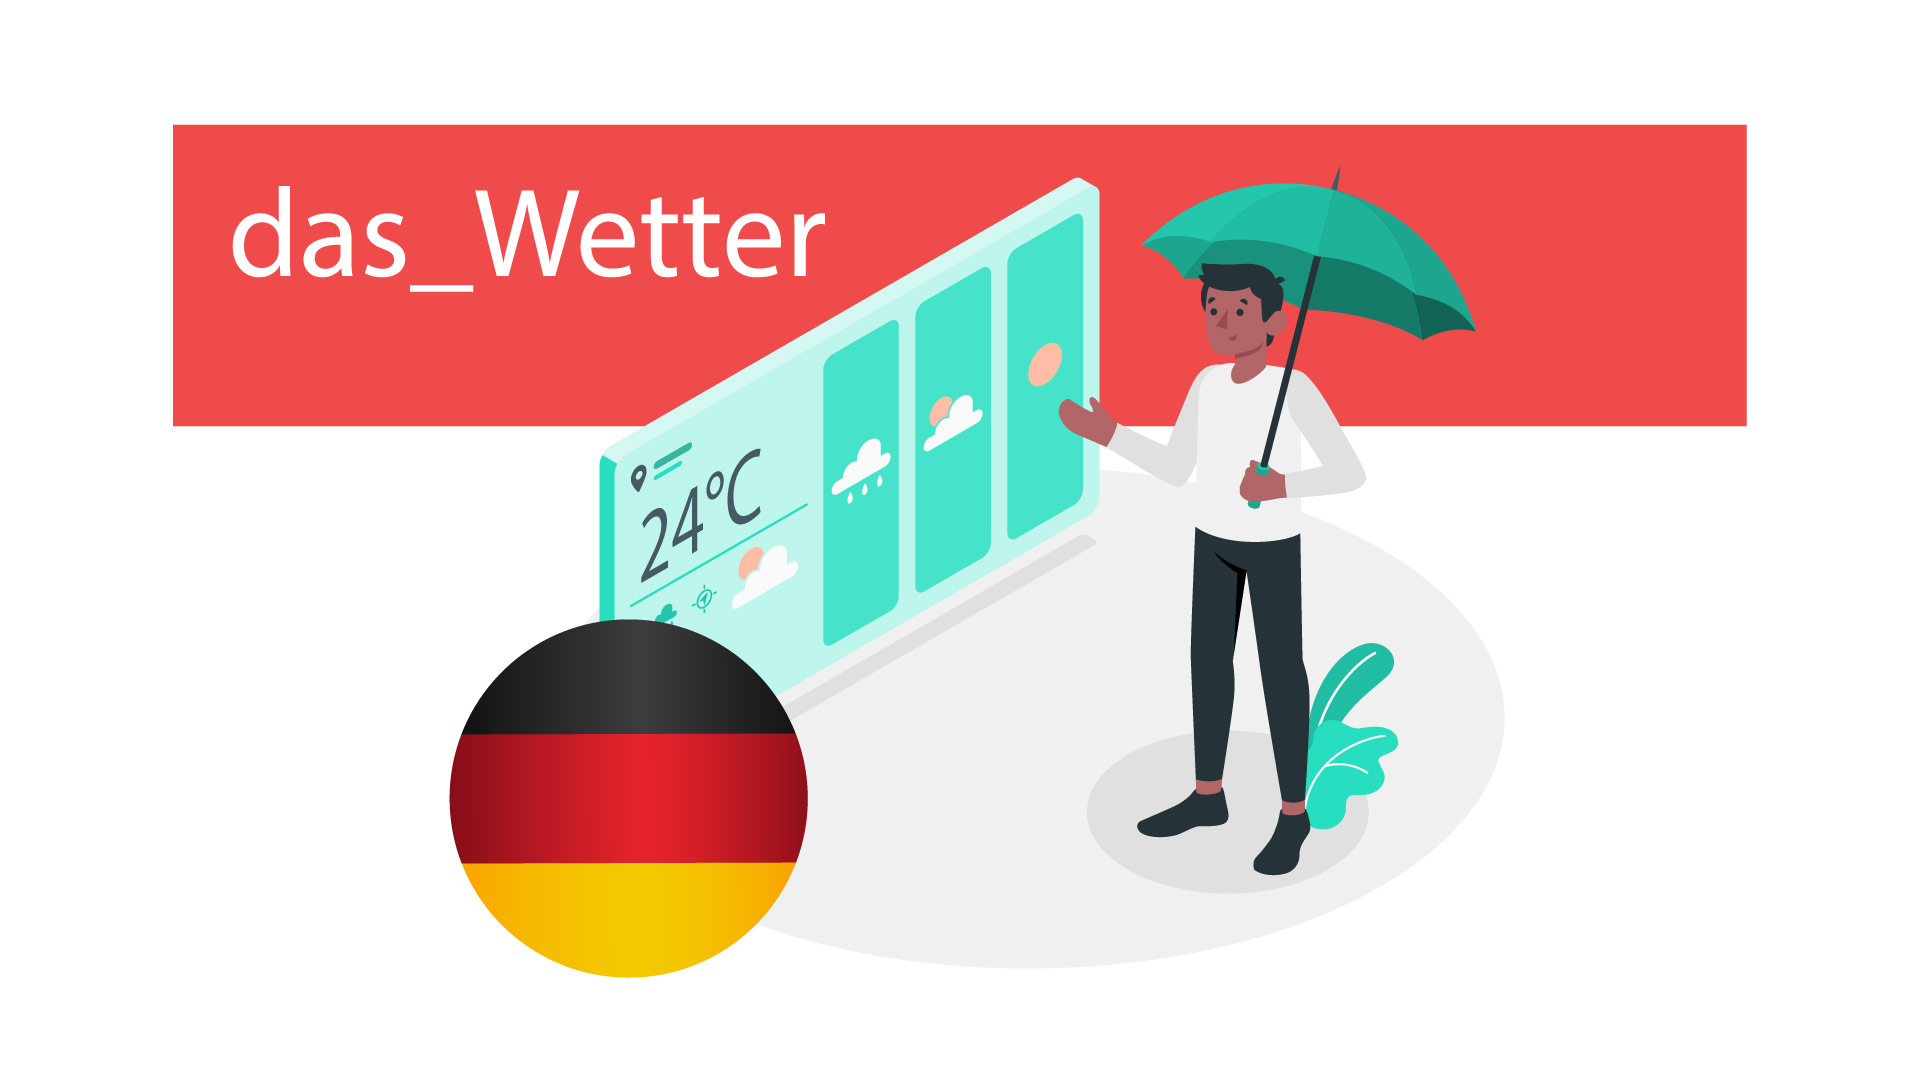 آب و هوا در زبان آلمانی  — آموزک [ویدیوی آموزشی]